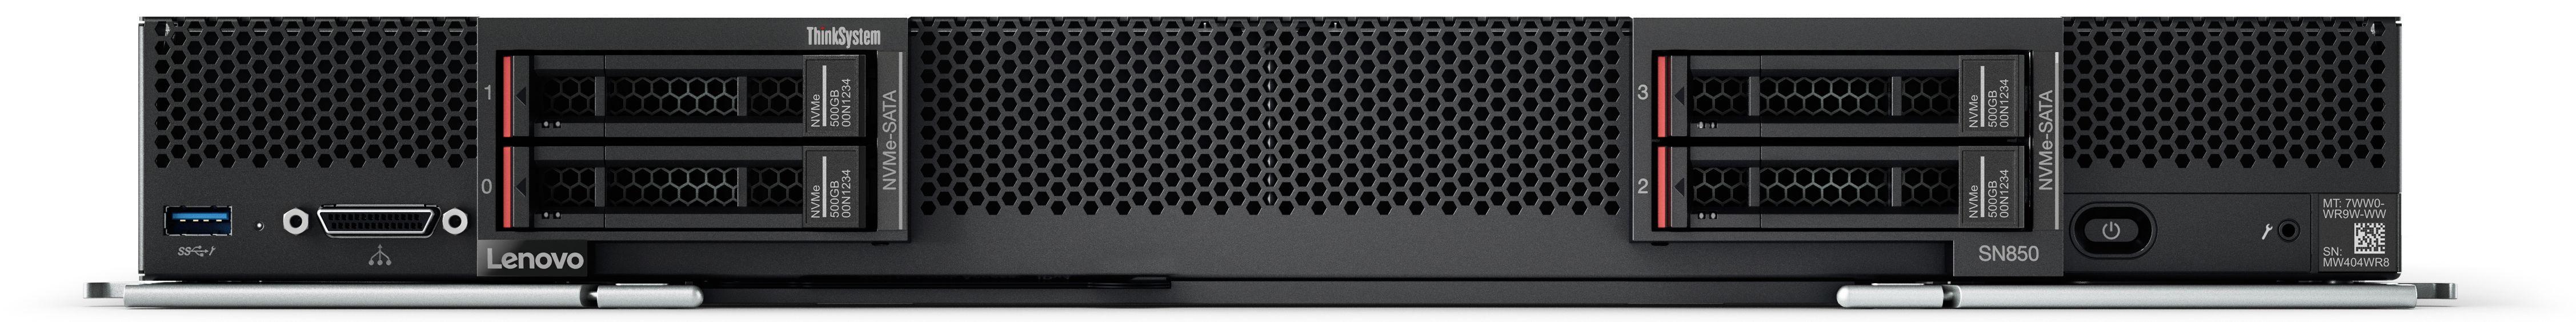 Lenovo ThinkSystem SN850 Front